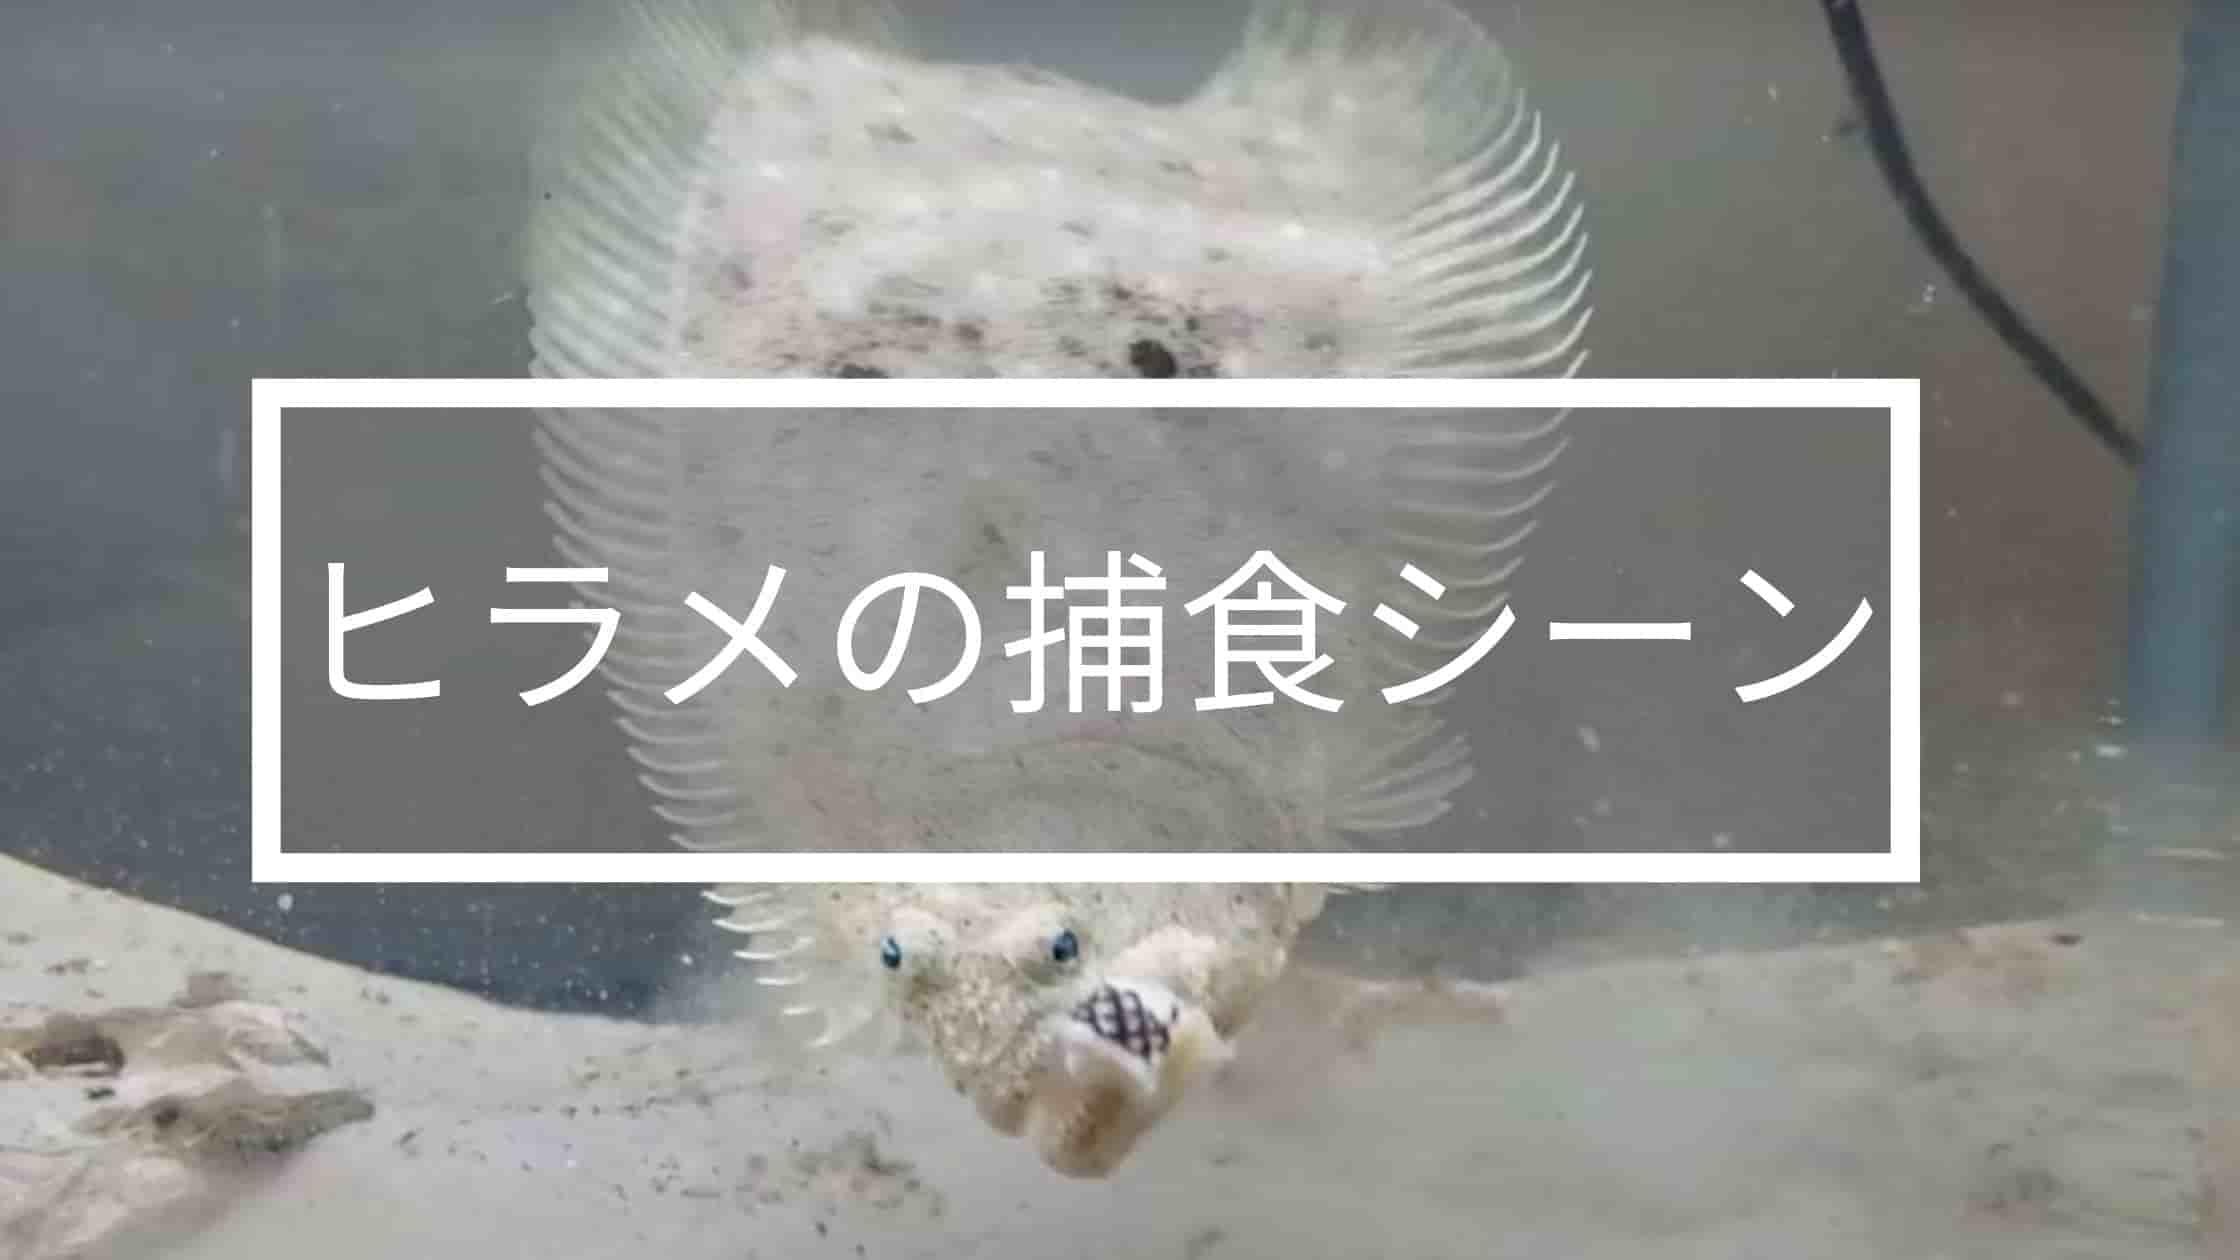 ヒラメの捕食シーン